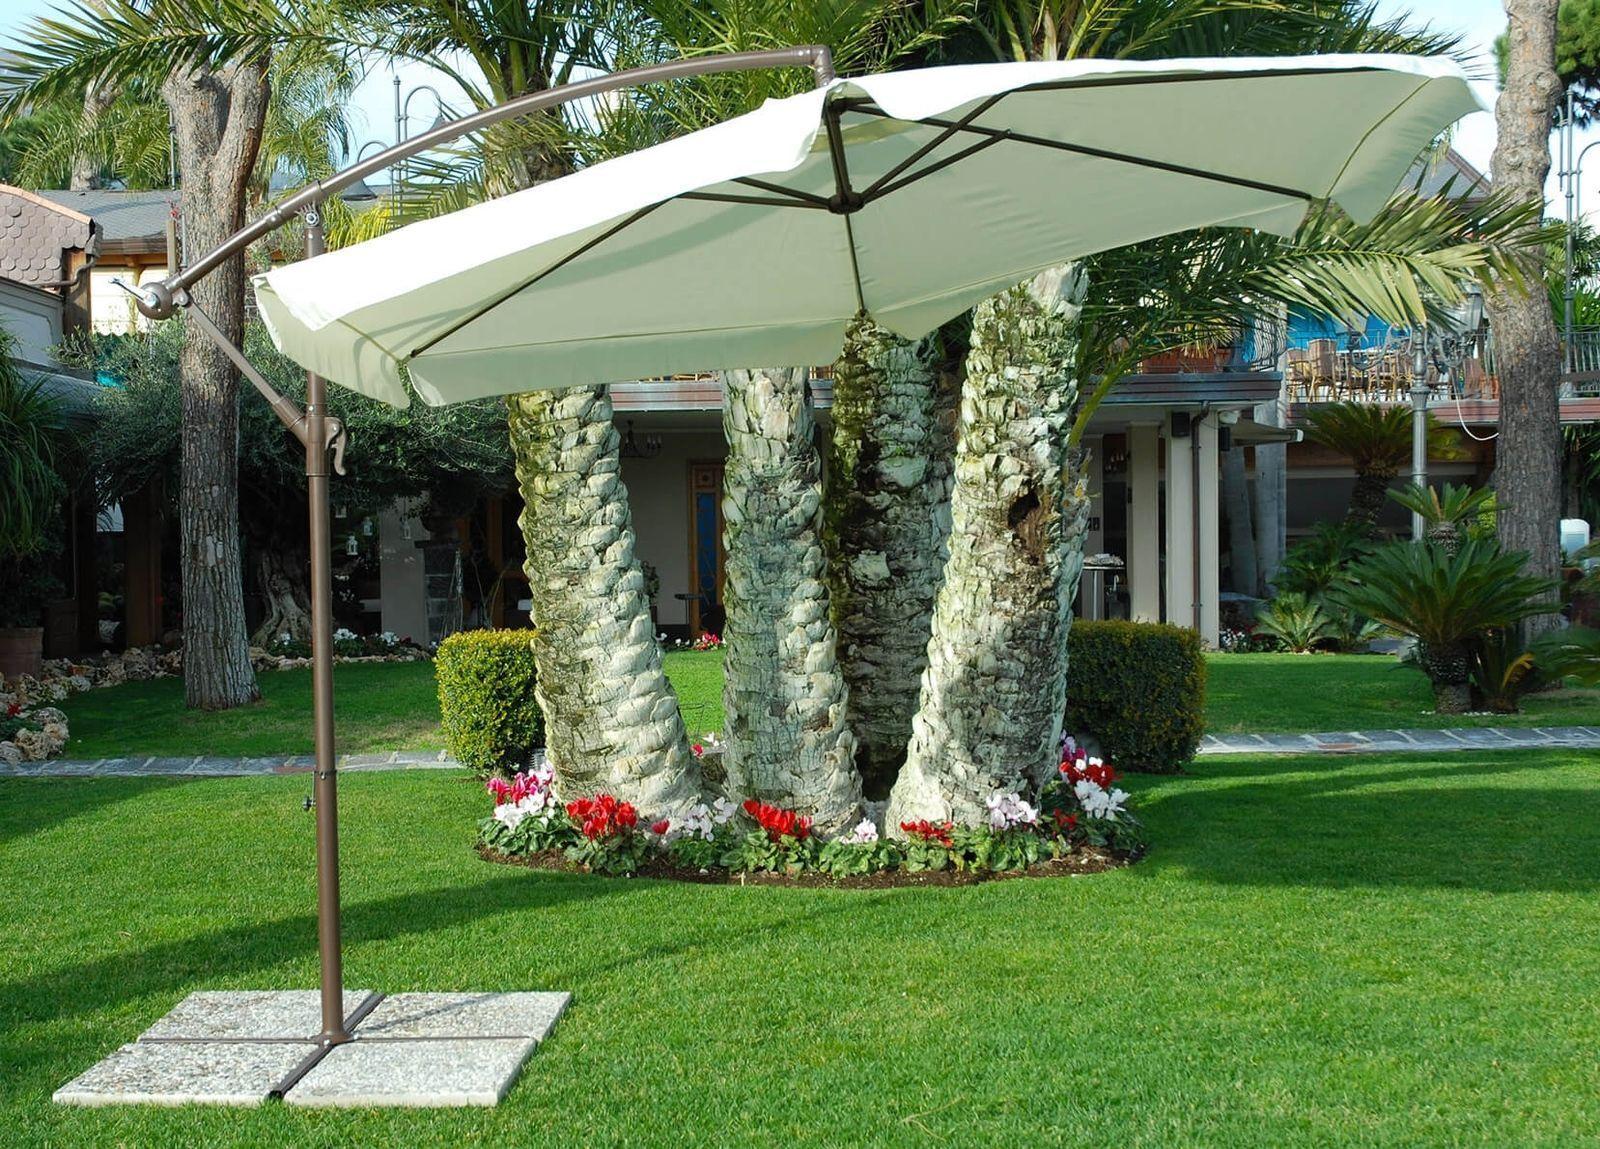 Ombrellone da giardino Luna diametro 3m Casa Esterno Famiglia Facile Montaggio